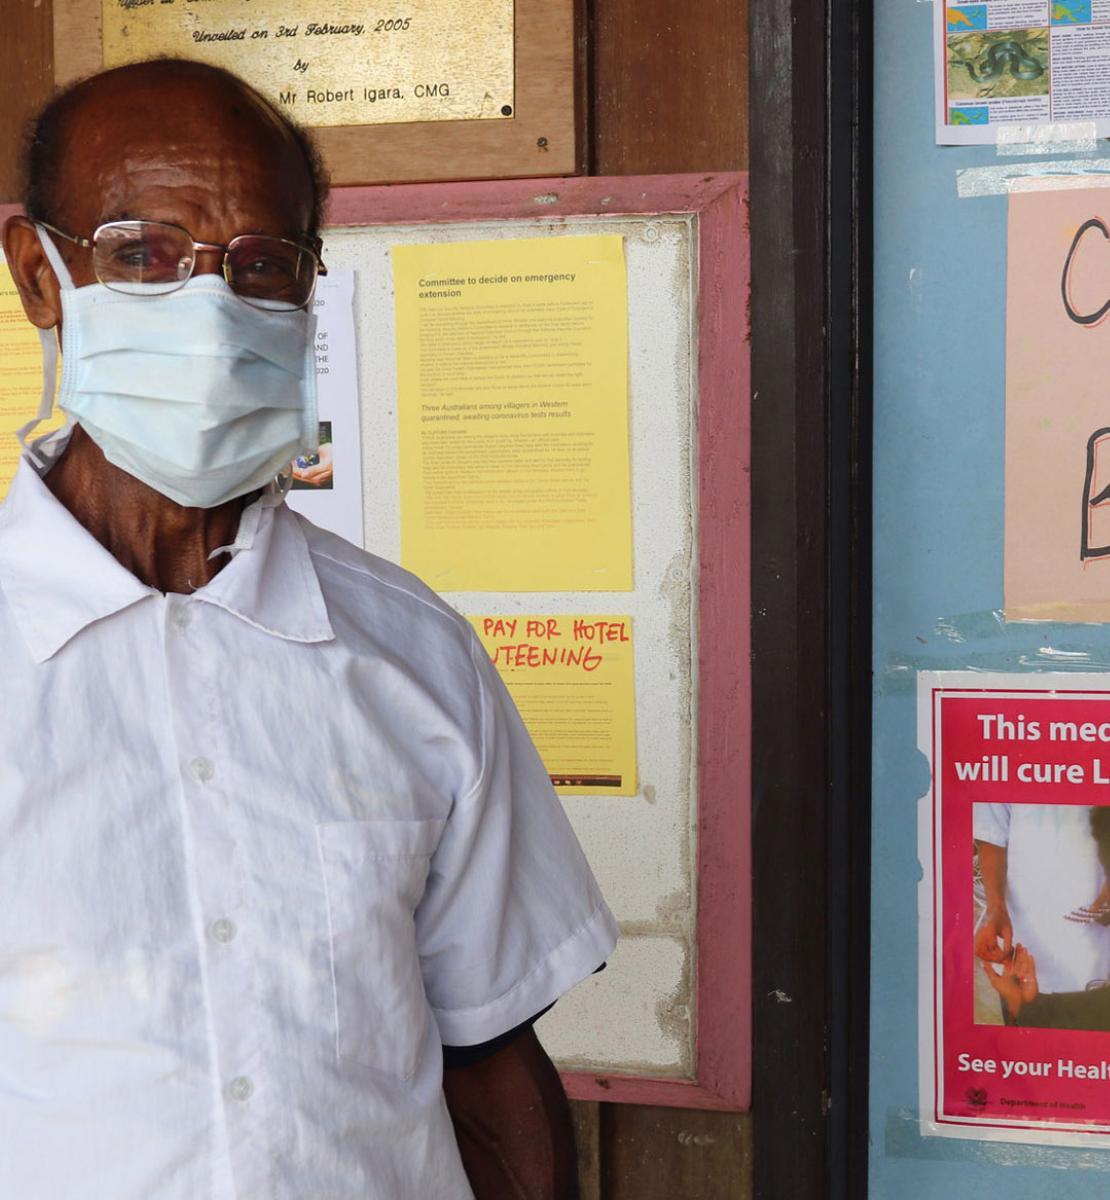 Un hombre con una camisa blanca y una máscara blanca se encuentra delante de un tablón de anuncios con información sobre la COVID-19.